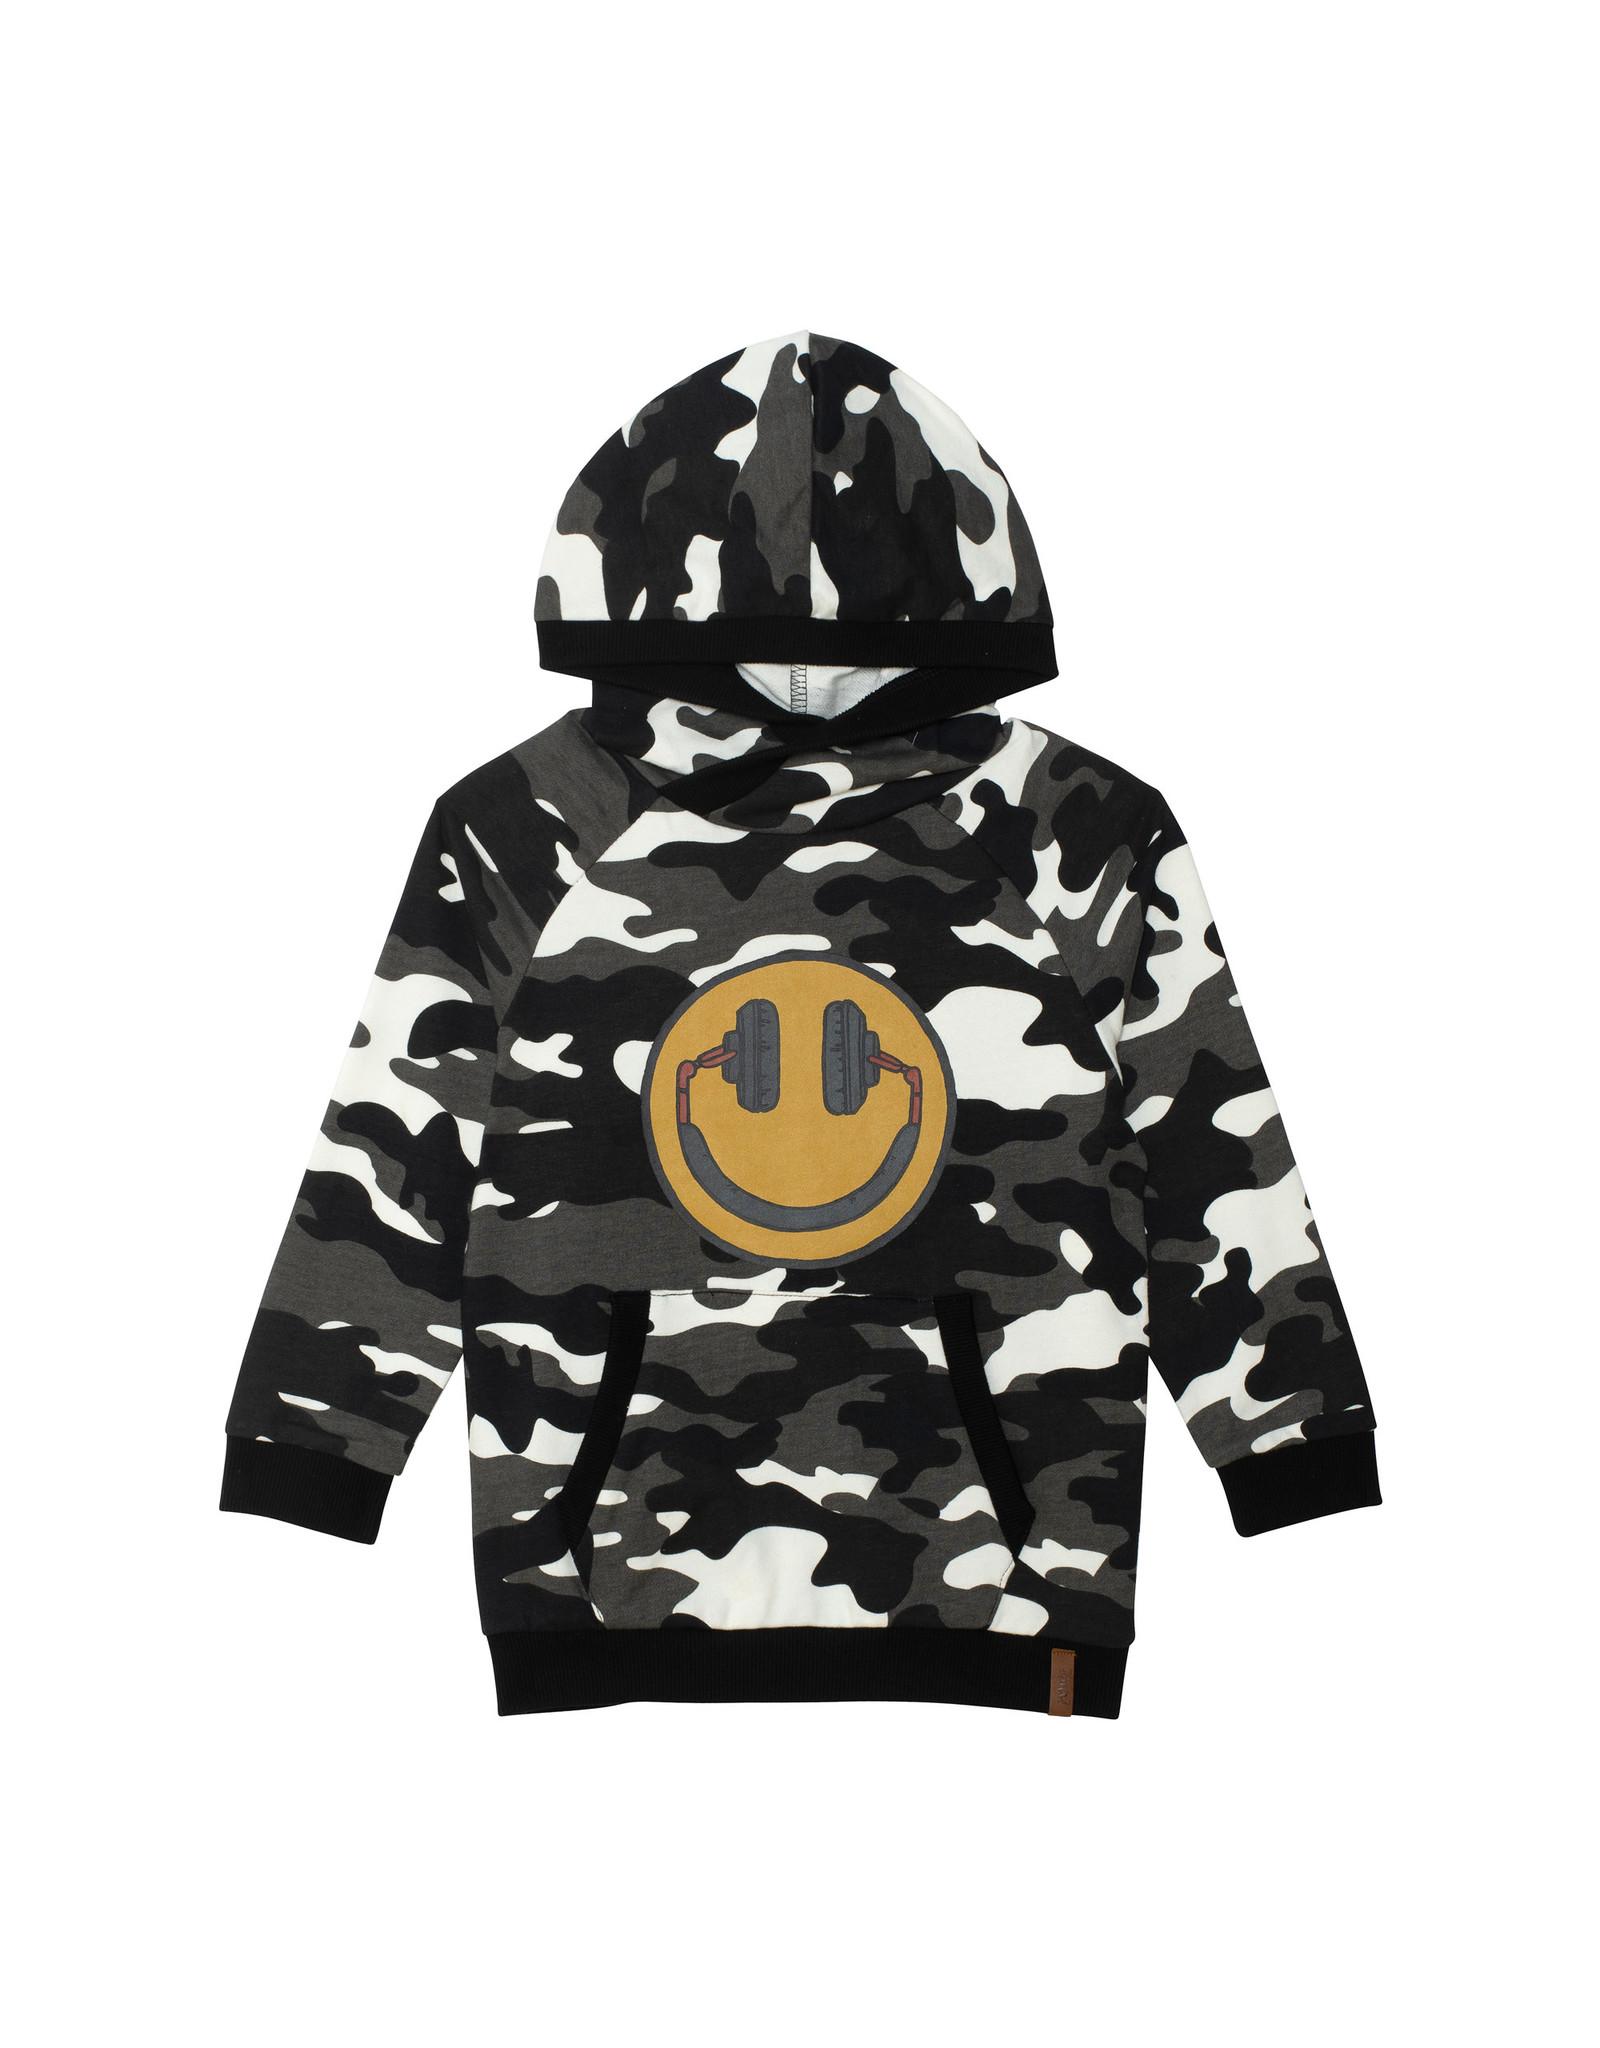 Deux Par Deux Camo Hooded Sweatshirt with Smile Logo